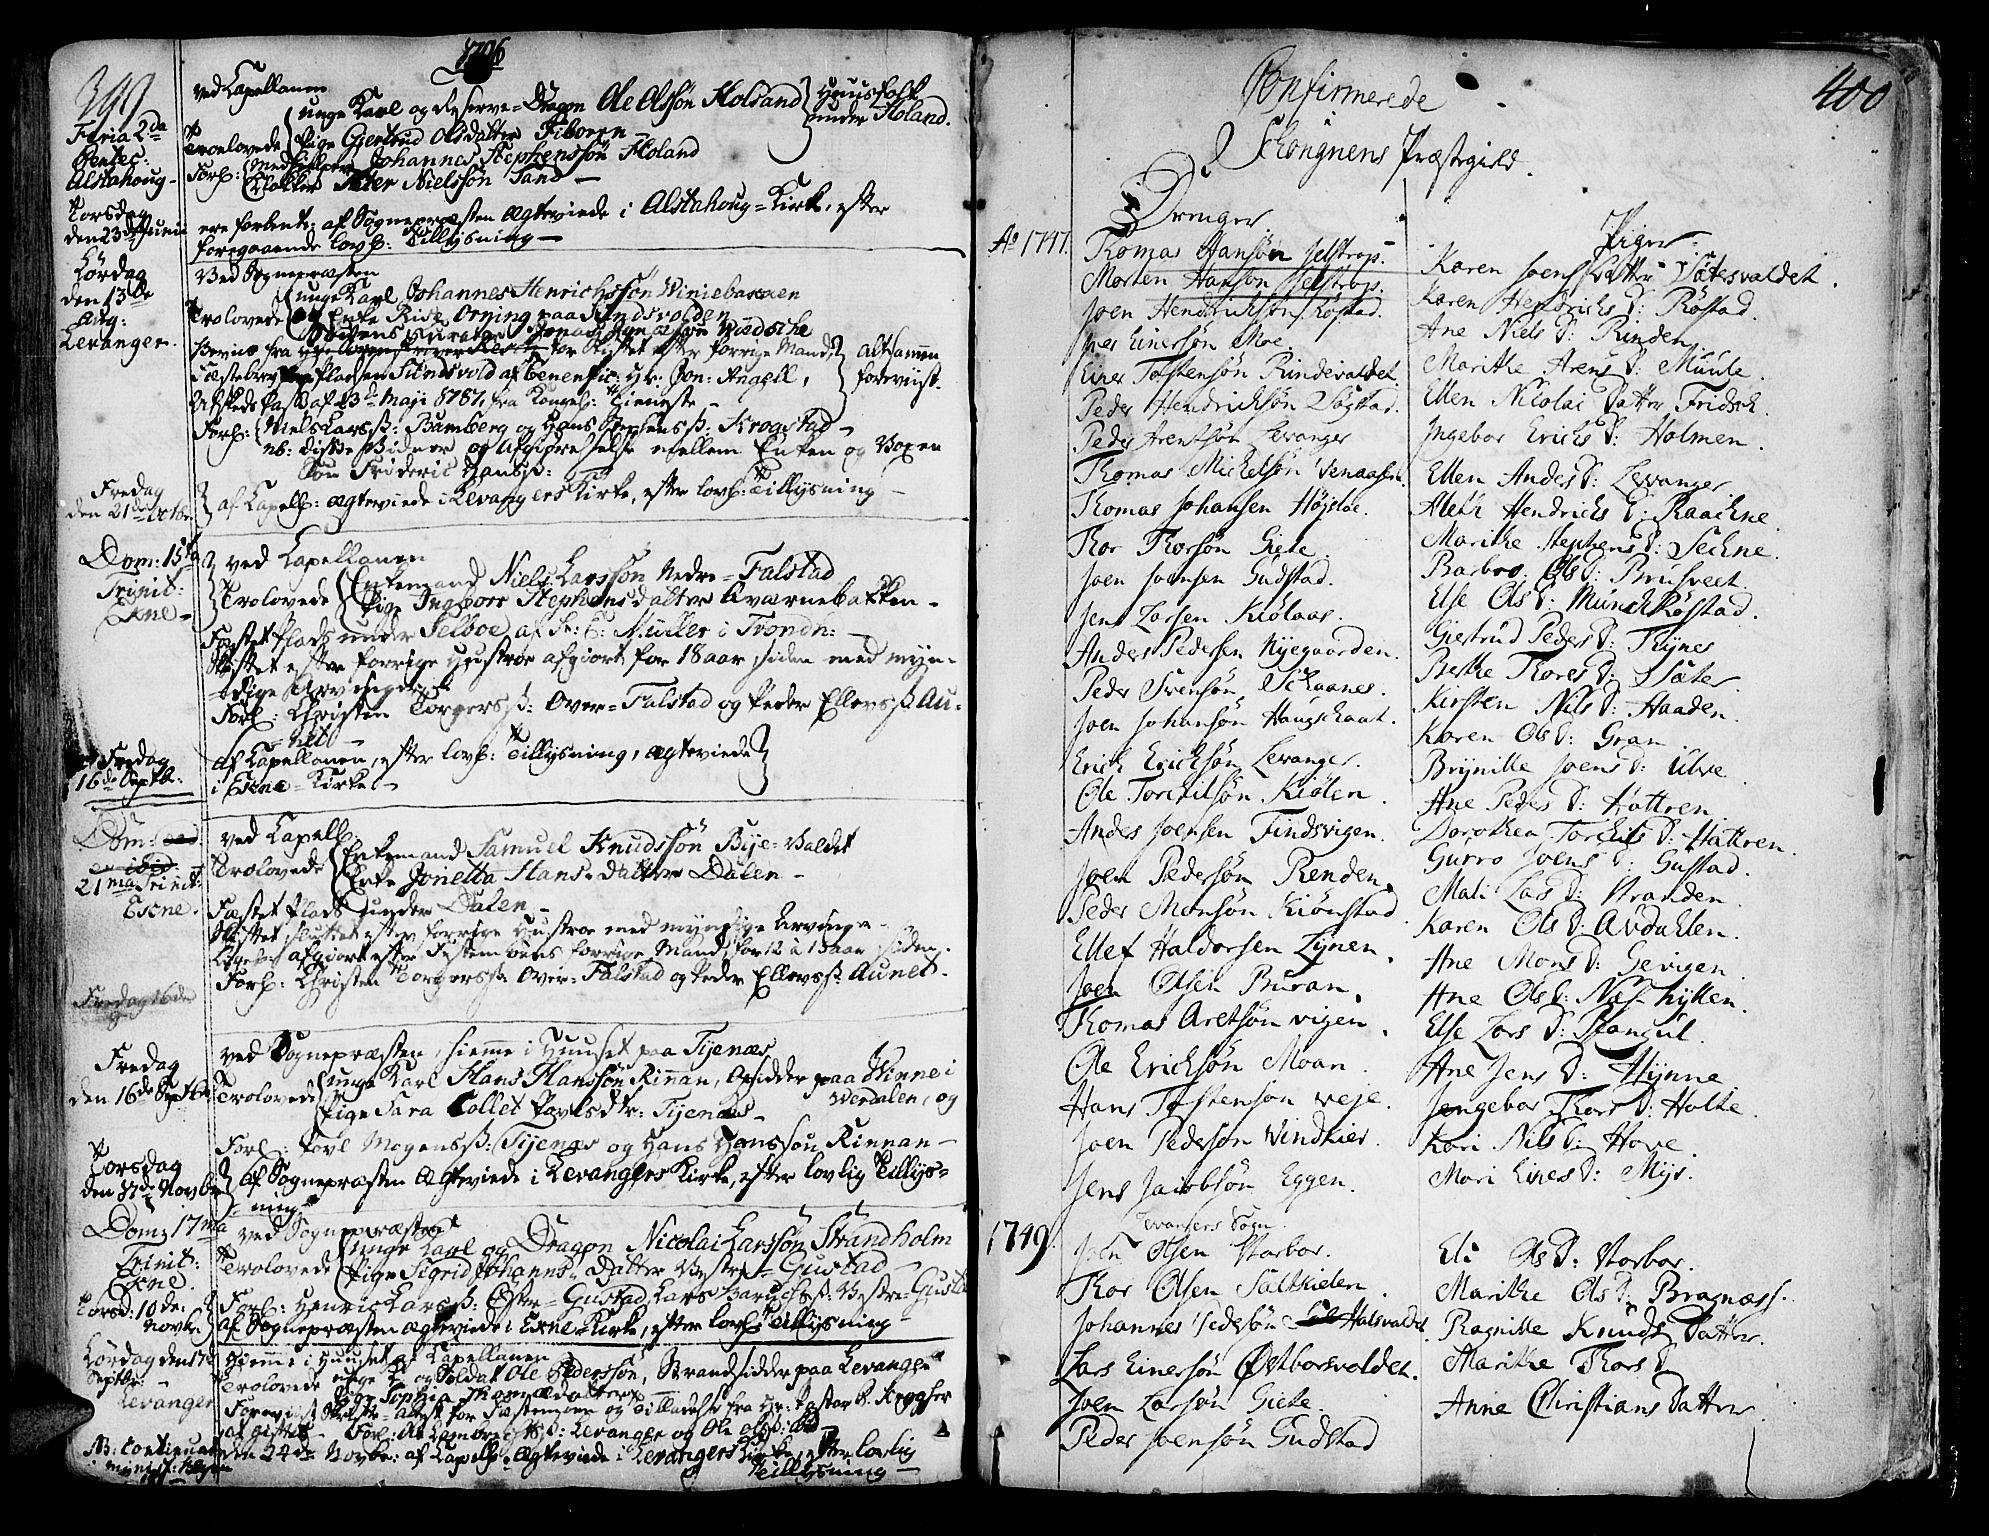 SAT, Ministerialprotokoller, klokkerbøker og fødselsregistre - Nord-Trøndelag, 717/L0141: Ministerialbok nr. 717A01, 1747-1803, s. 399-400